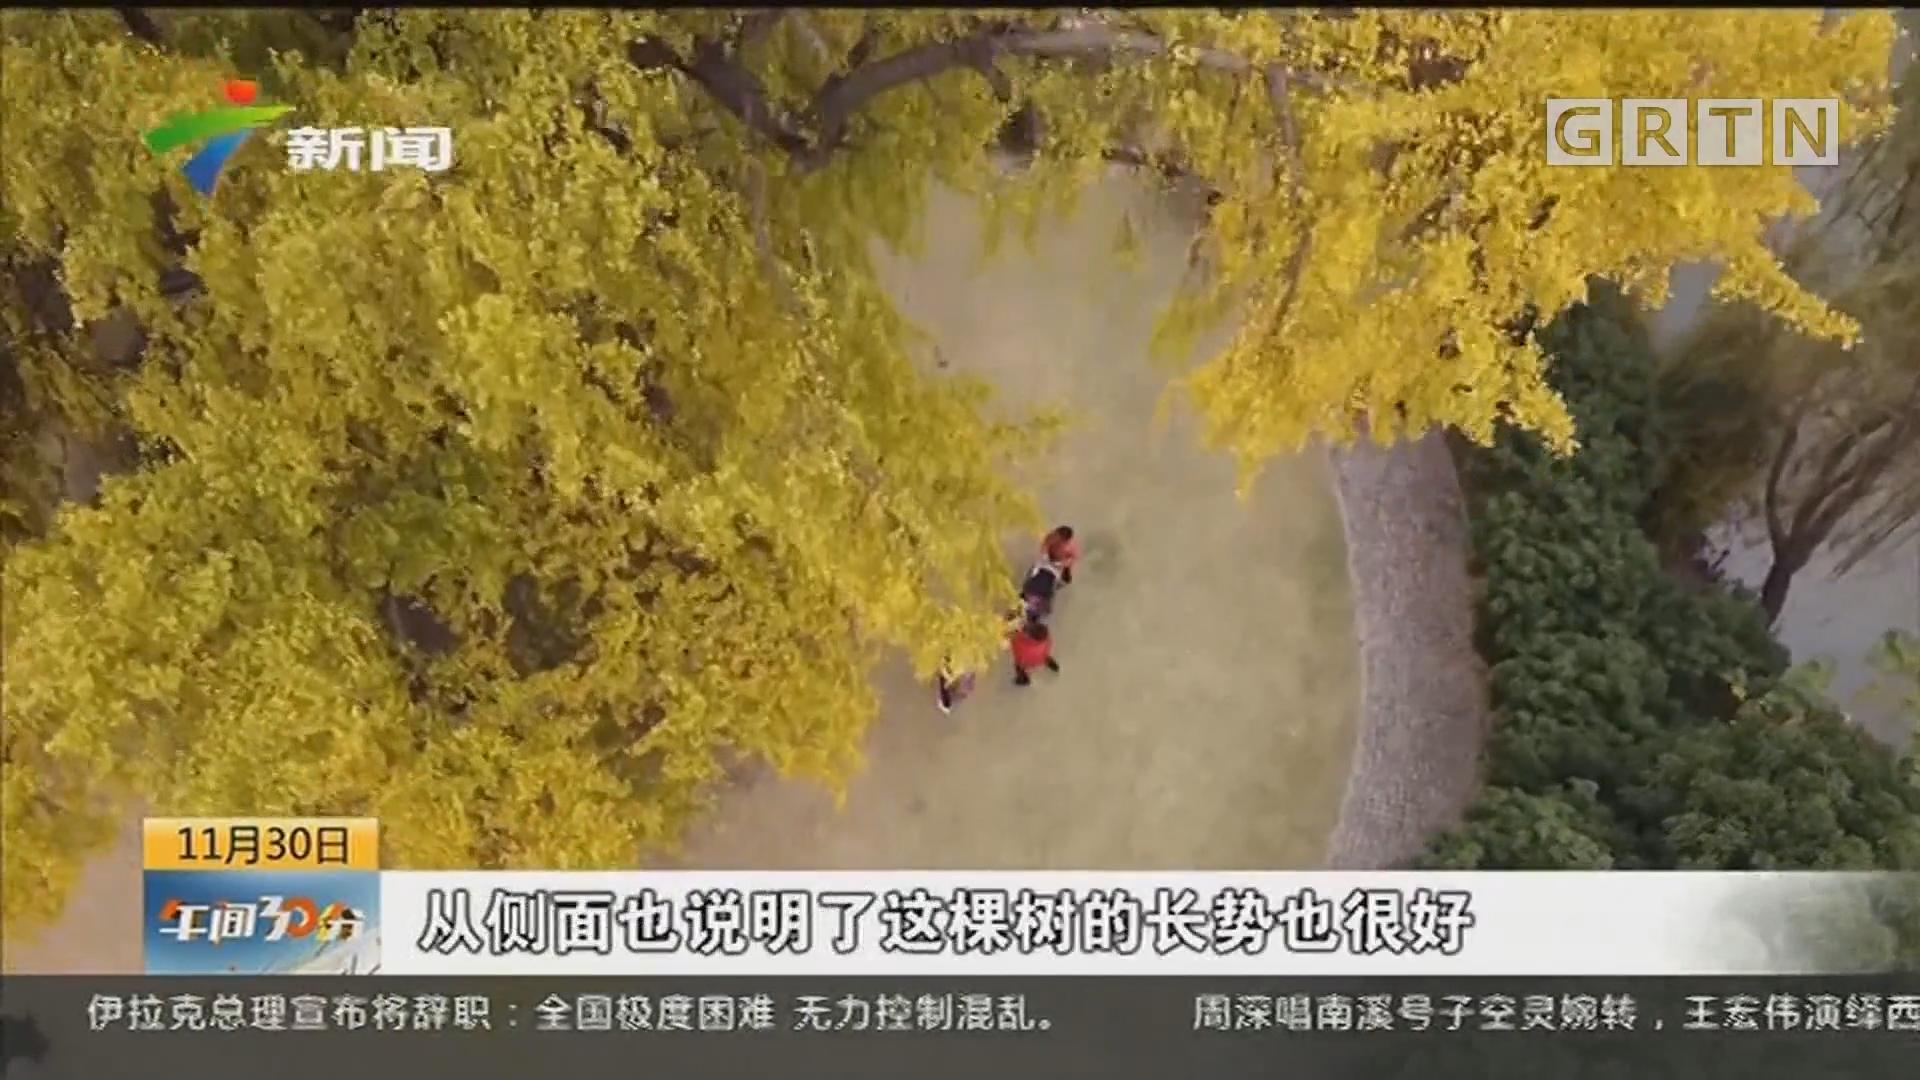 上海:银杏进入最佳观赏期 千年树王呈现反差绿